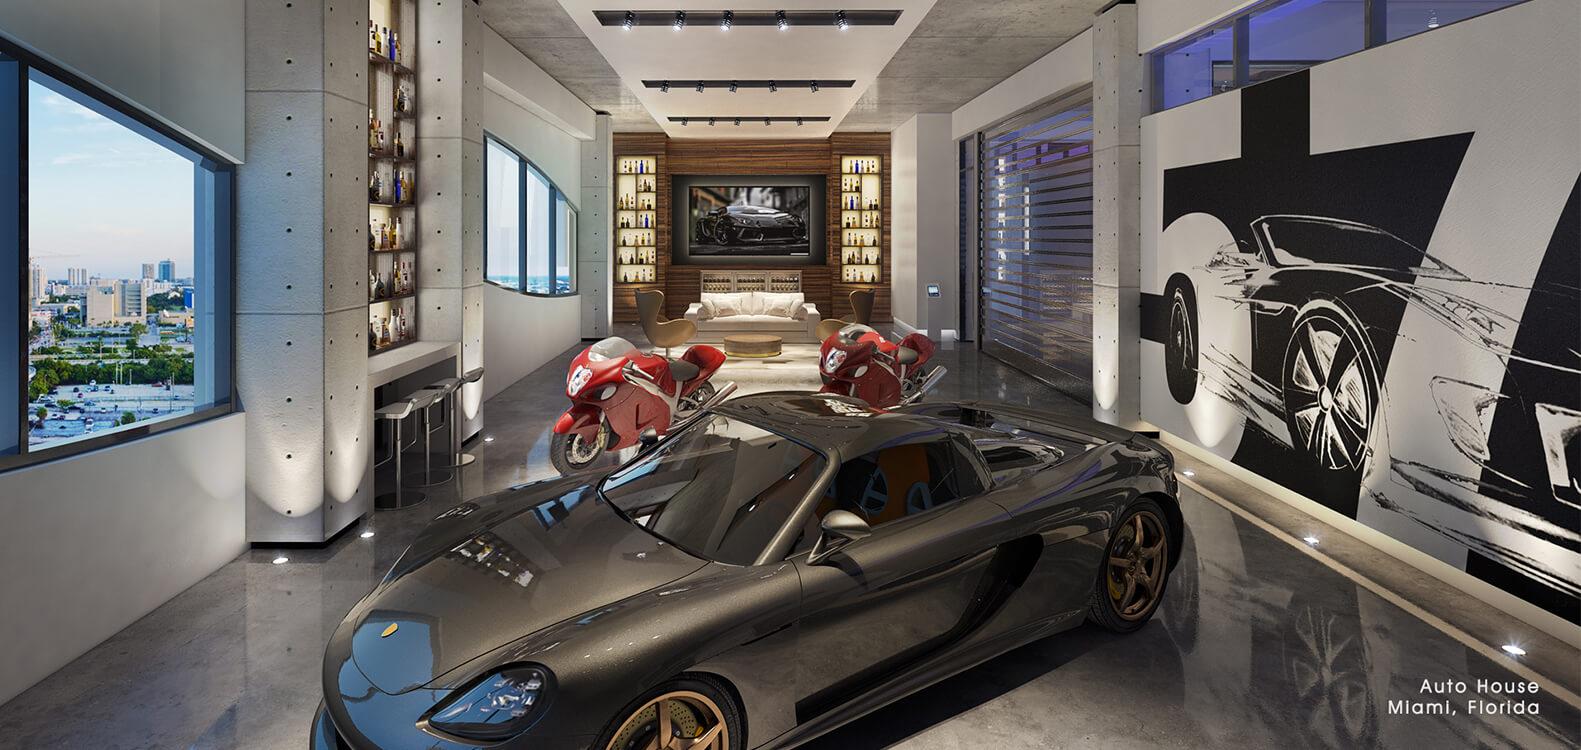 Auto House Miami, Floride